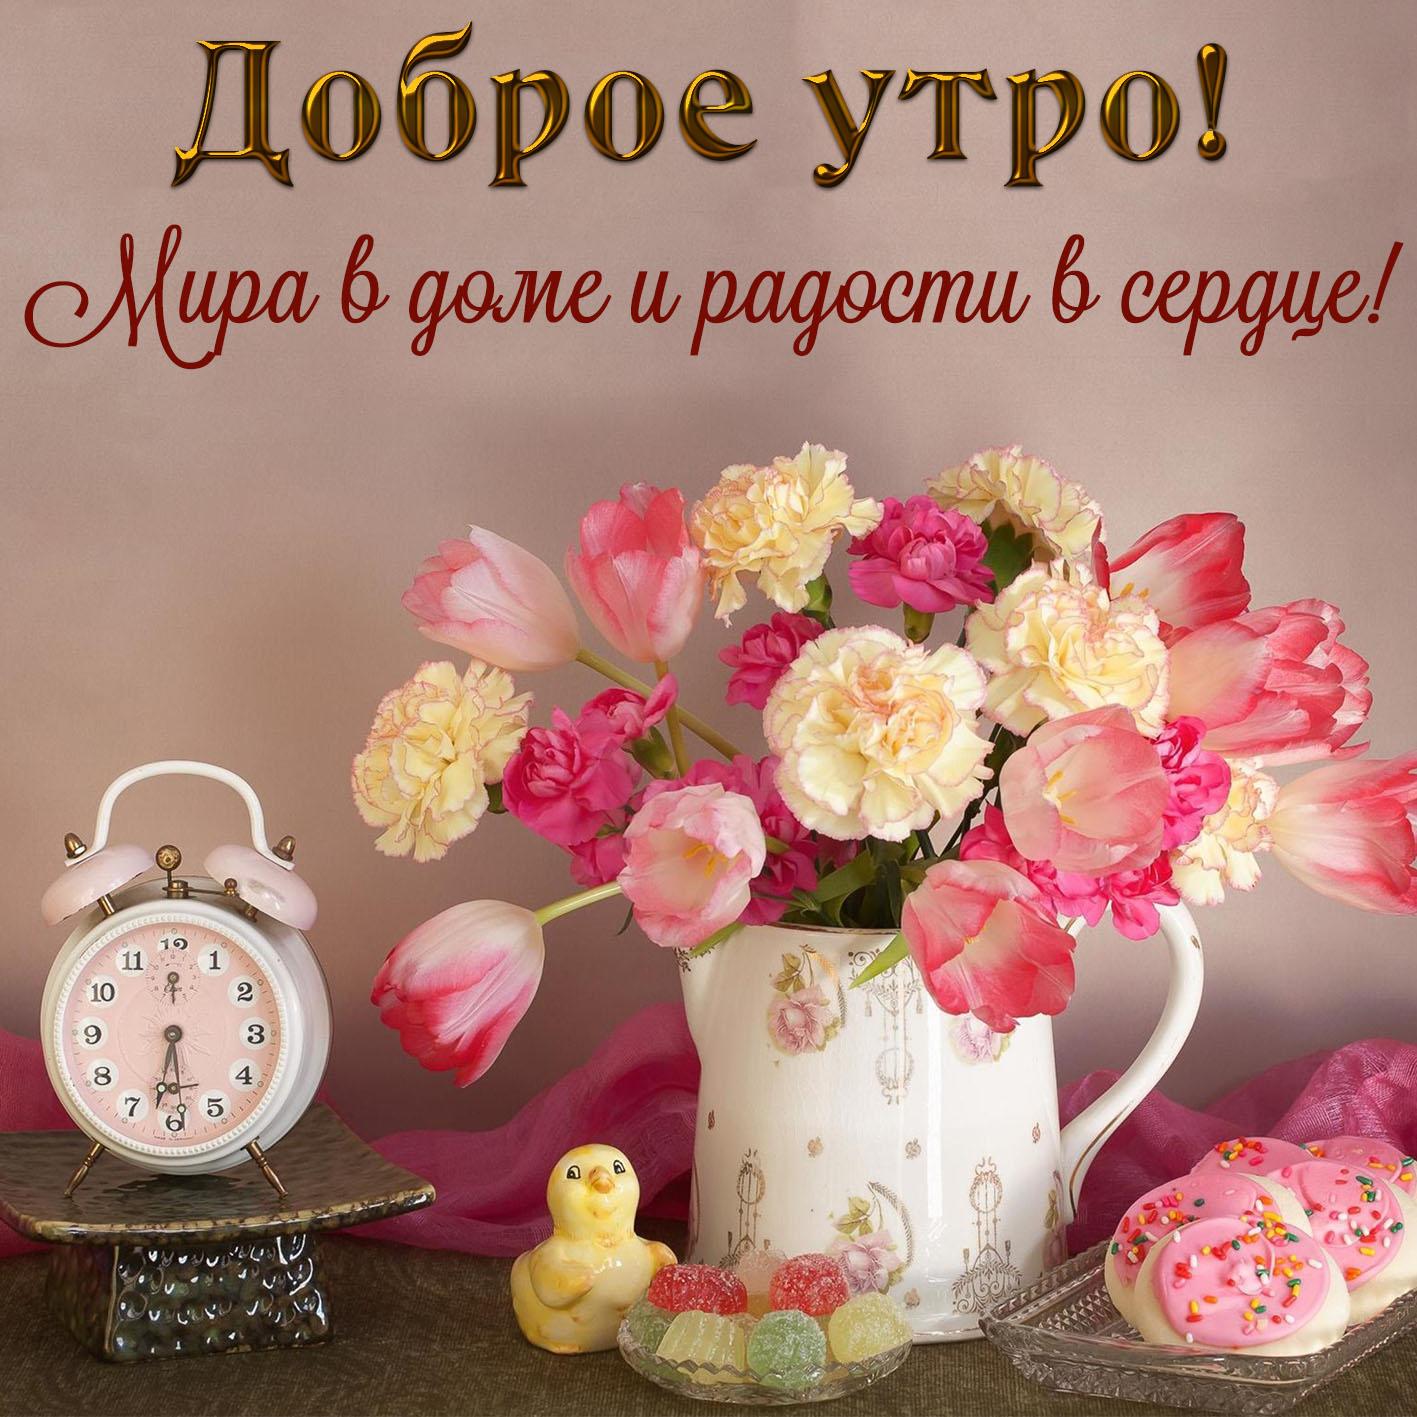 Открытки, доброе утро и добрый день картинки красивые